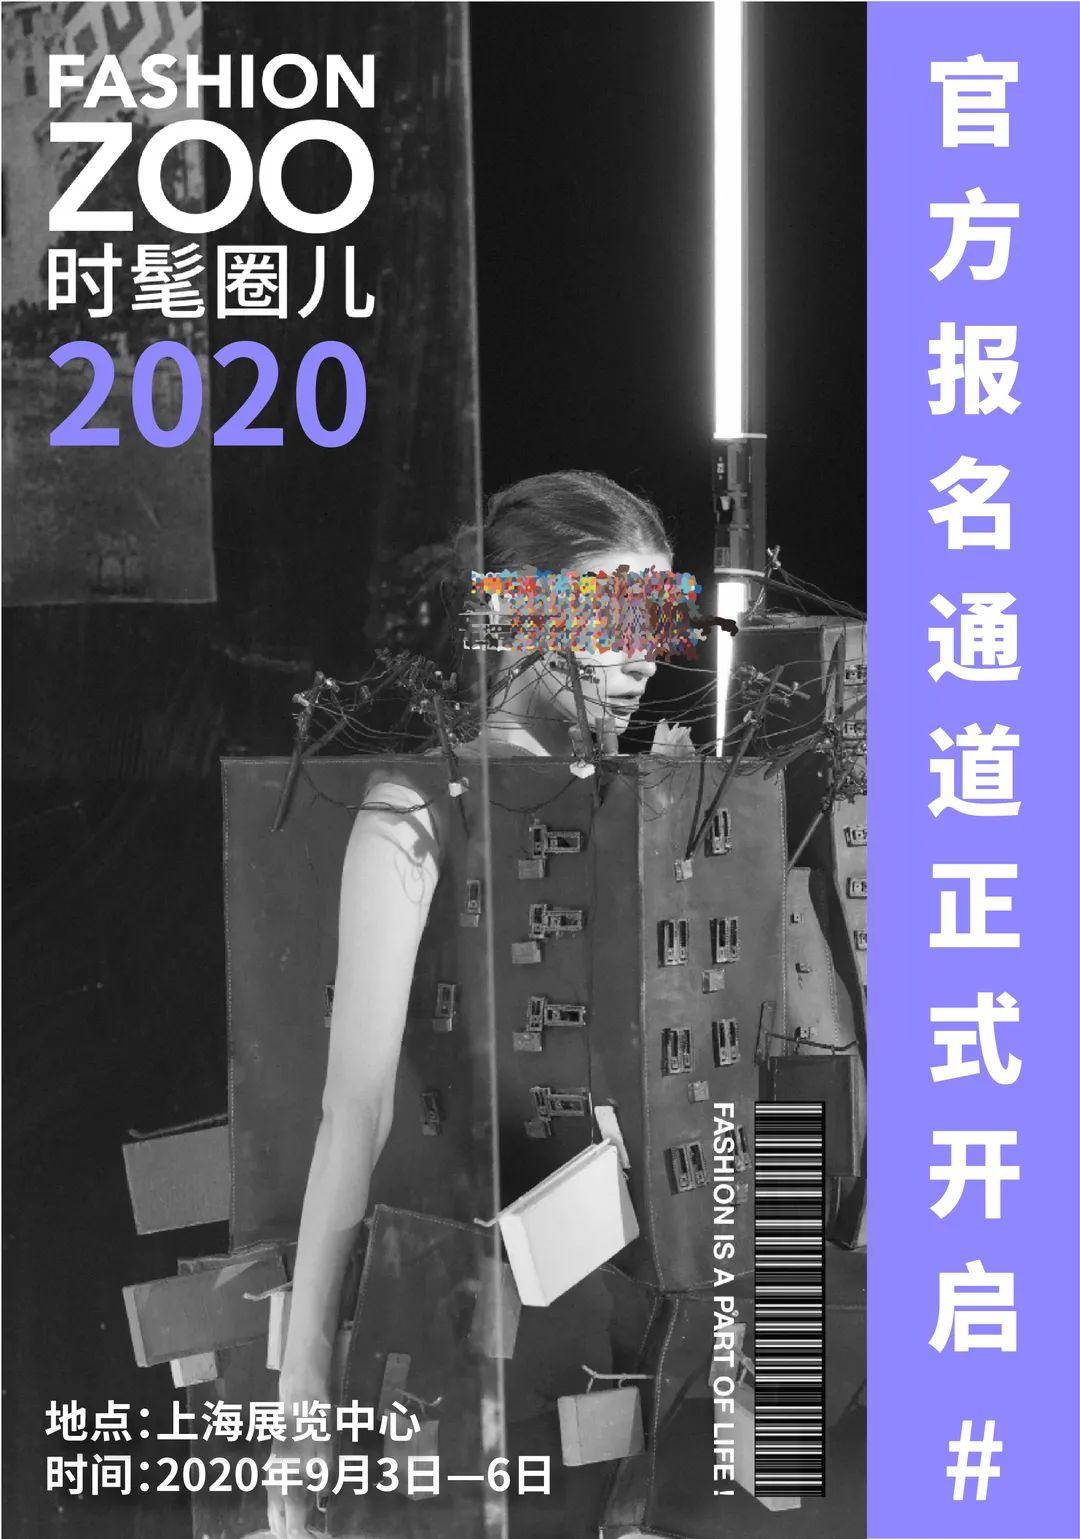 2020上海FASHION ZOO时髦圈儿时间、地点、门票价格